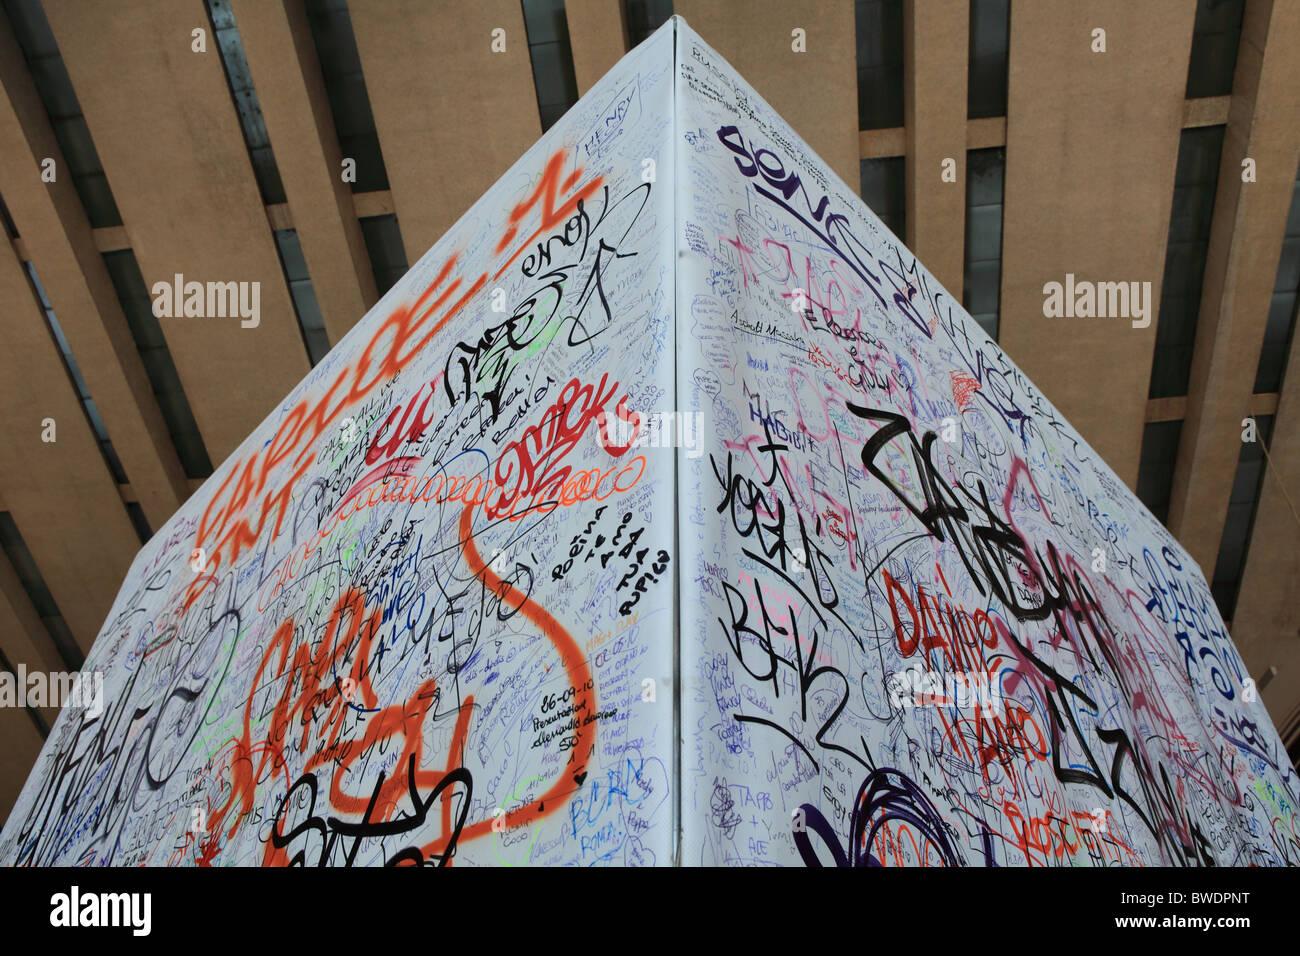 grafitti wall - Stock Image